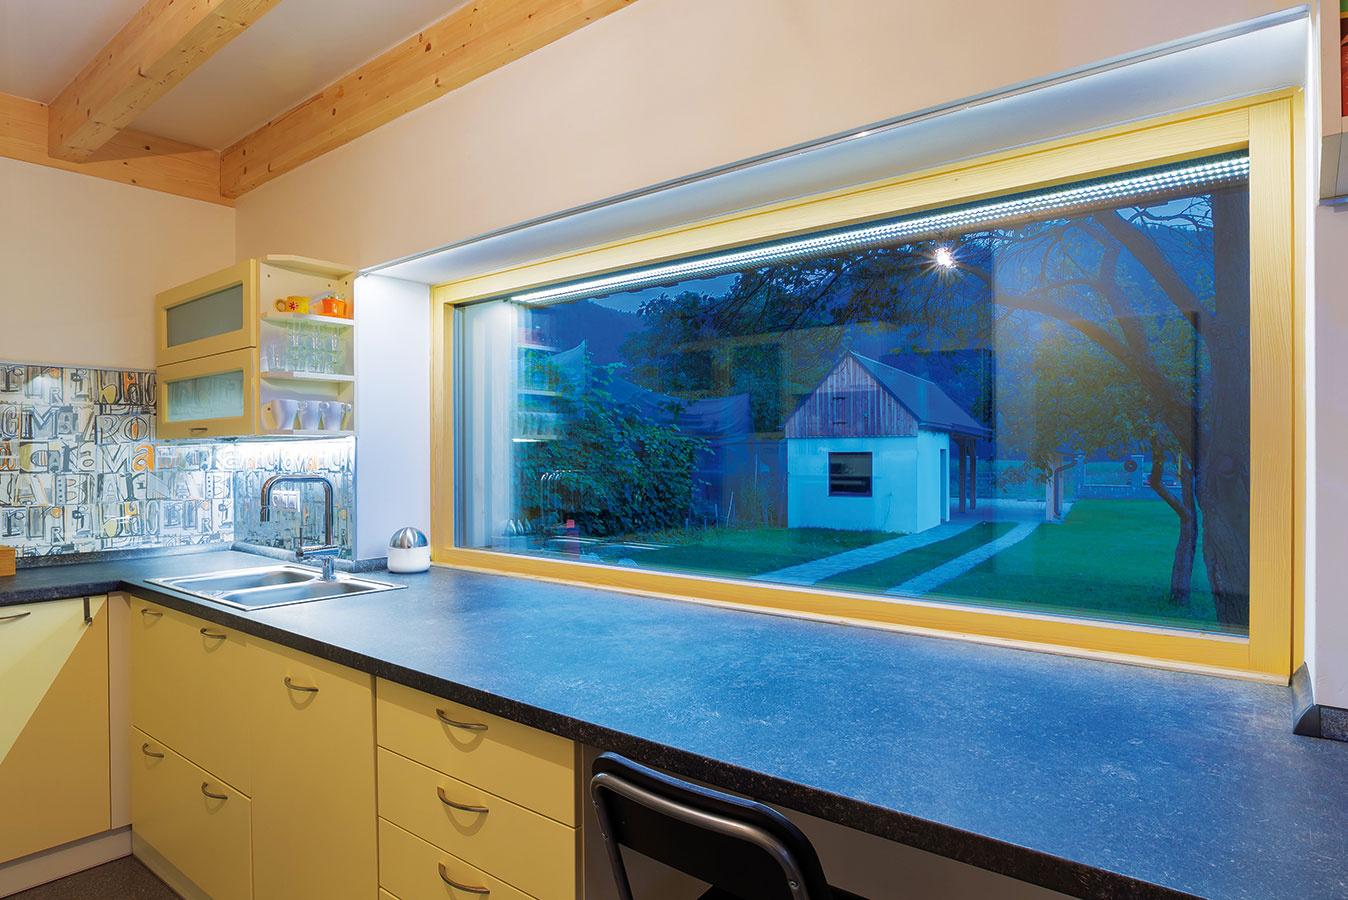 Pásové okno nad kuchynskou linkou otvára panej domu pri varení výhľad na blízke južné kopce.